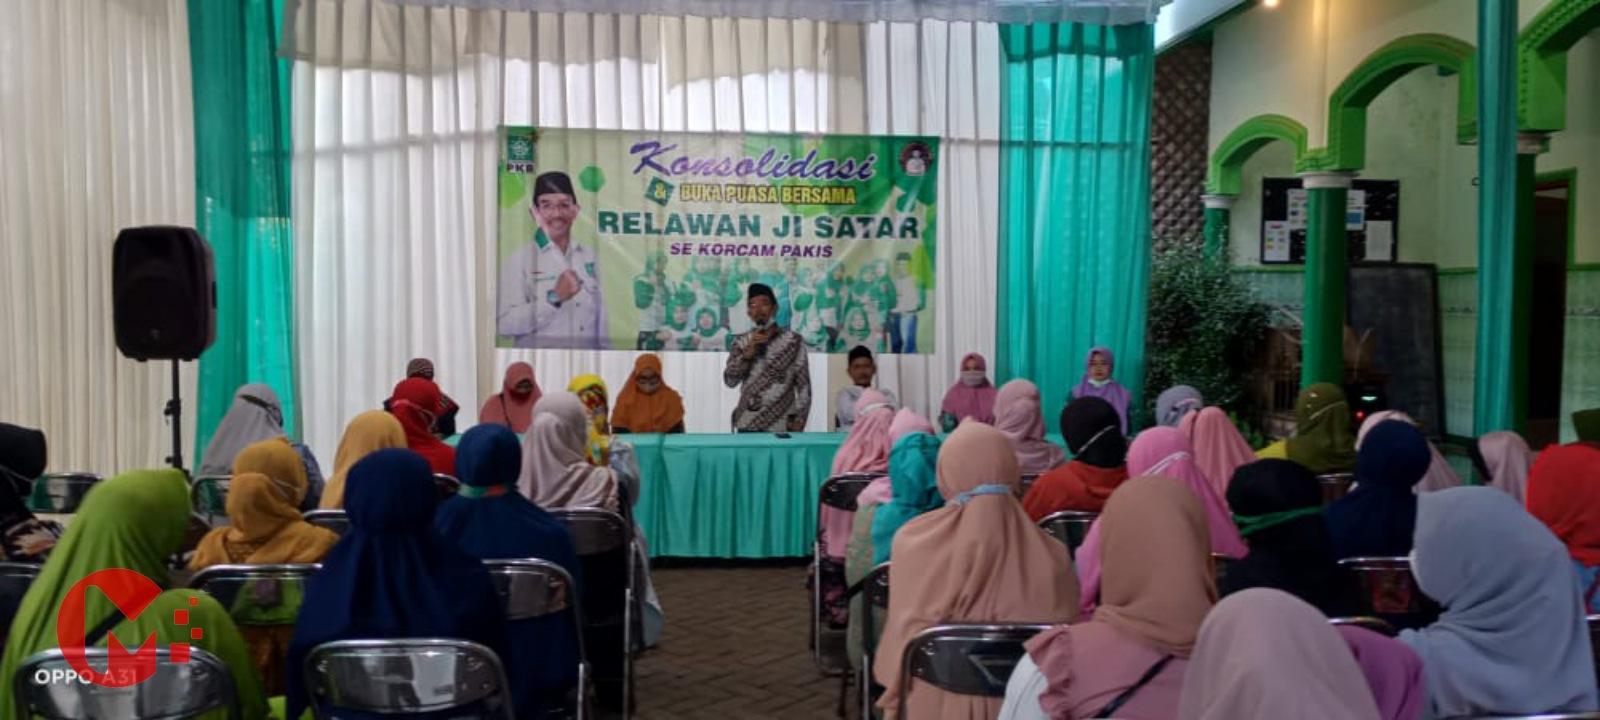 Foto : H. Abdulloh Sataar Laporkan kinerja dan konsolidasi kader